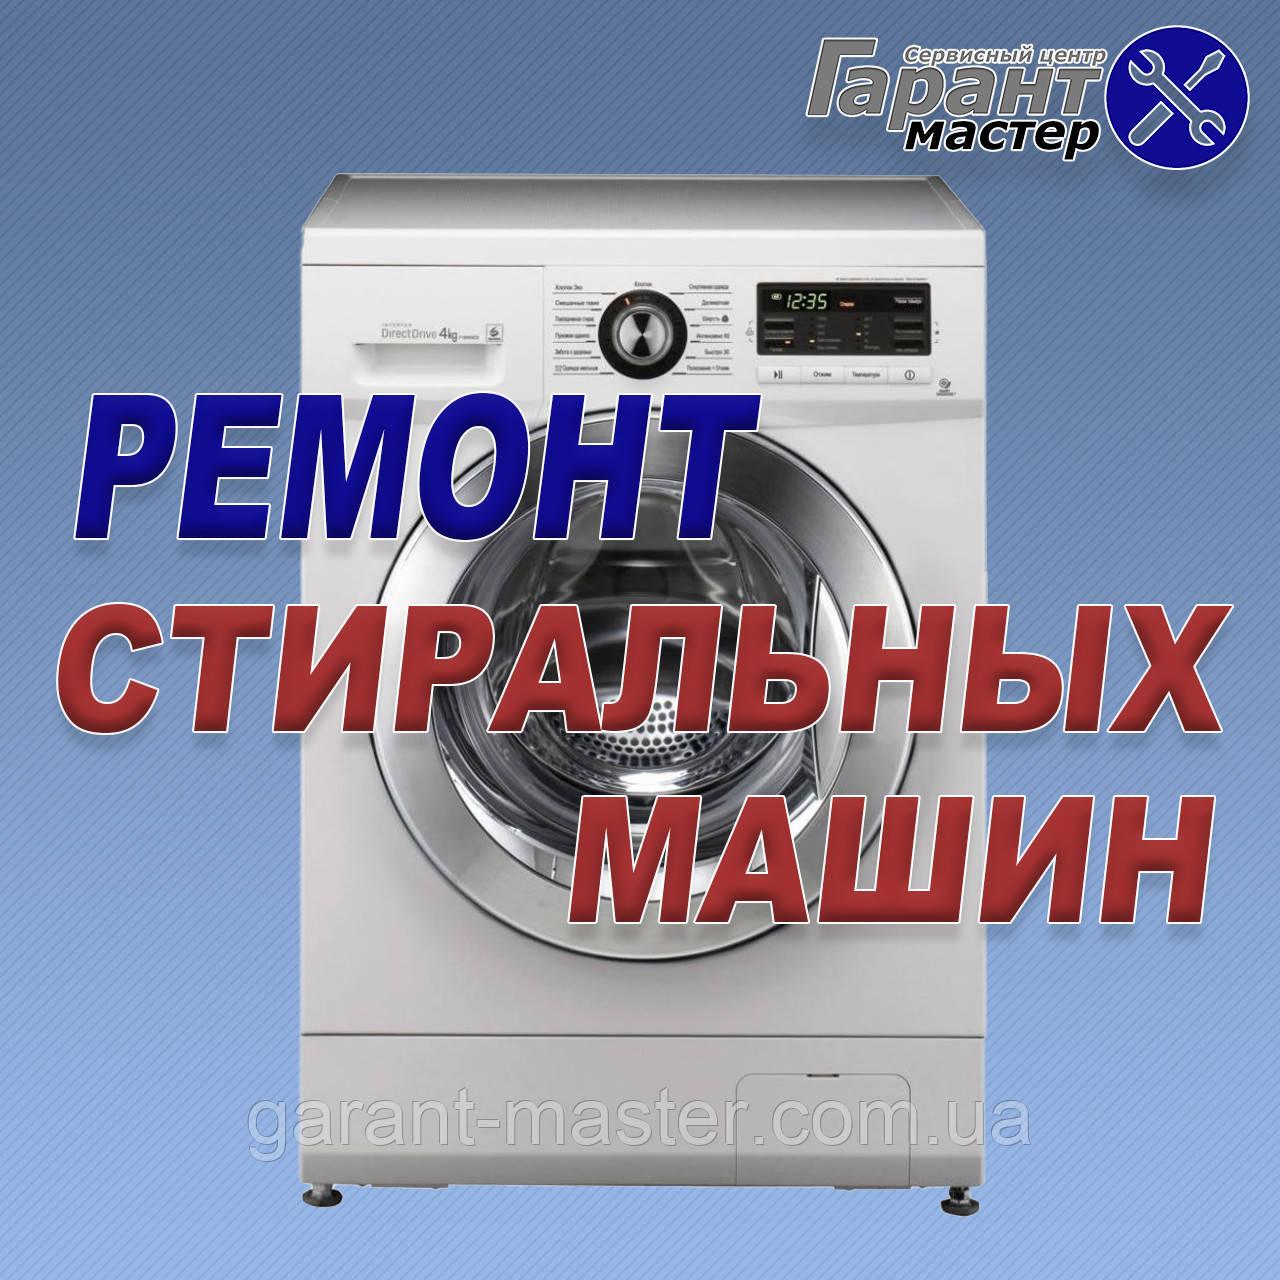 Ремонт стиральных машин на дому в Киеве